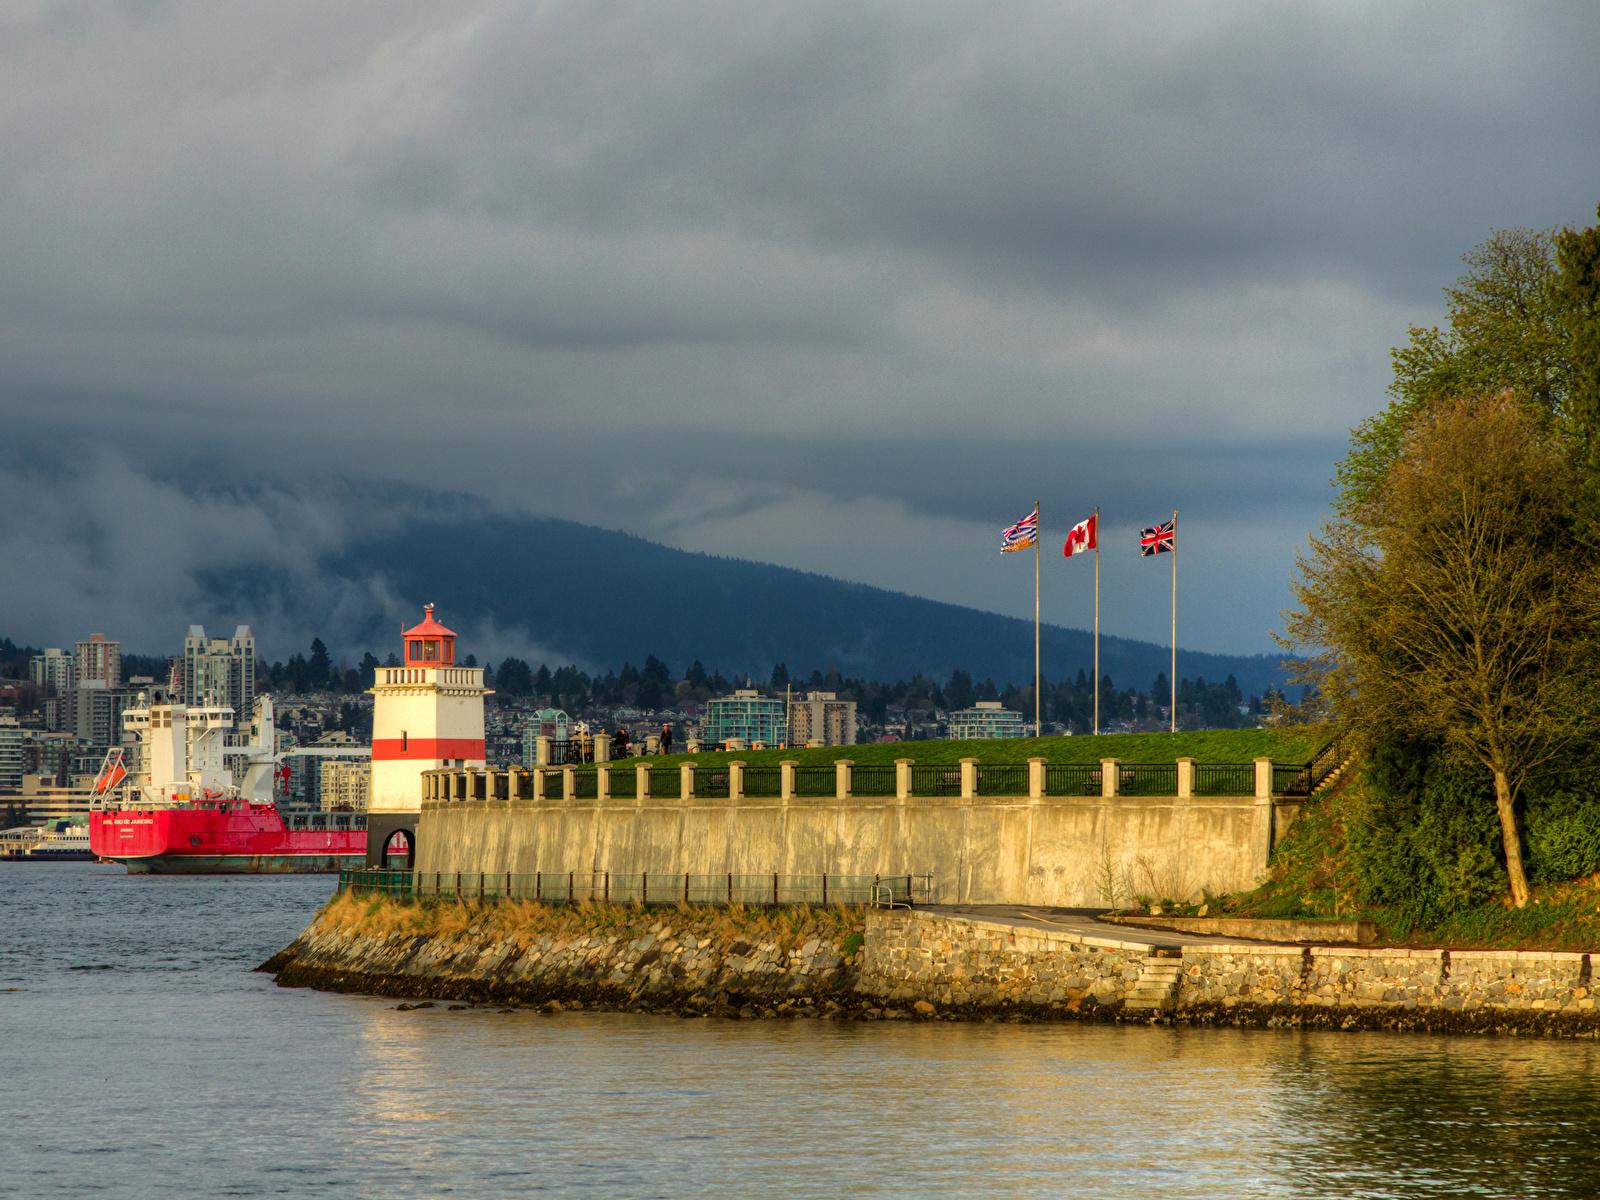 Фотография Ванкувер Канада Stanley Park Маяки Залив Пирсы Города Здания 1600x1200 Причалы Пристань Дома